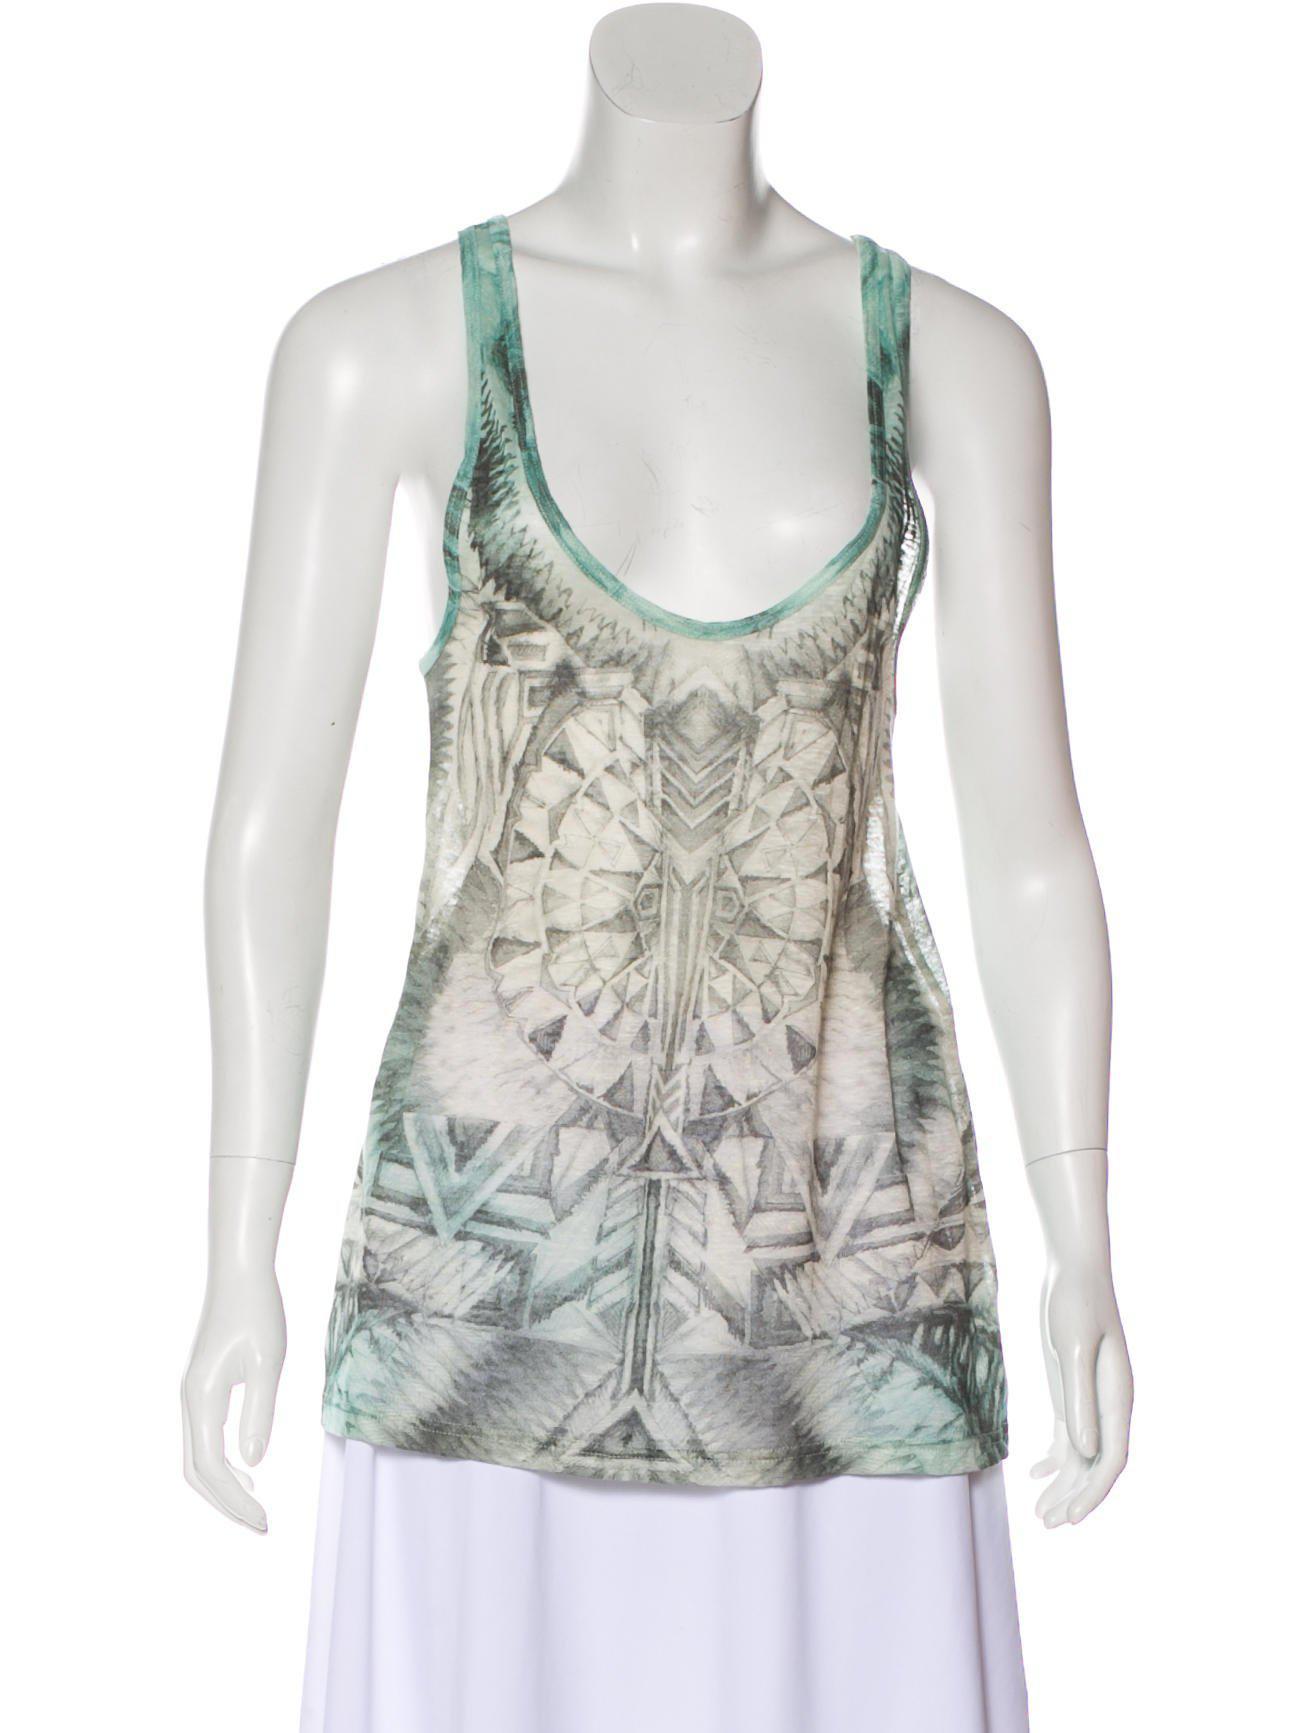 d96d514e25e1e9 Lyst - Balmain Printed Sleeveless Top in Green